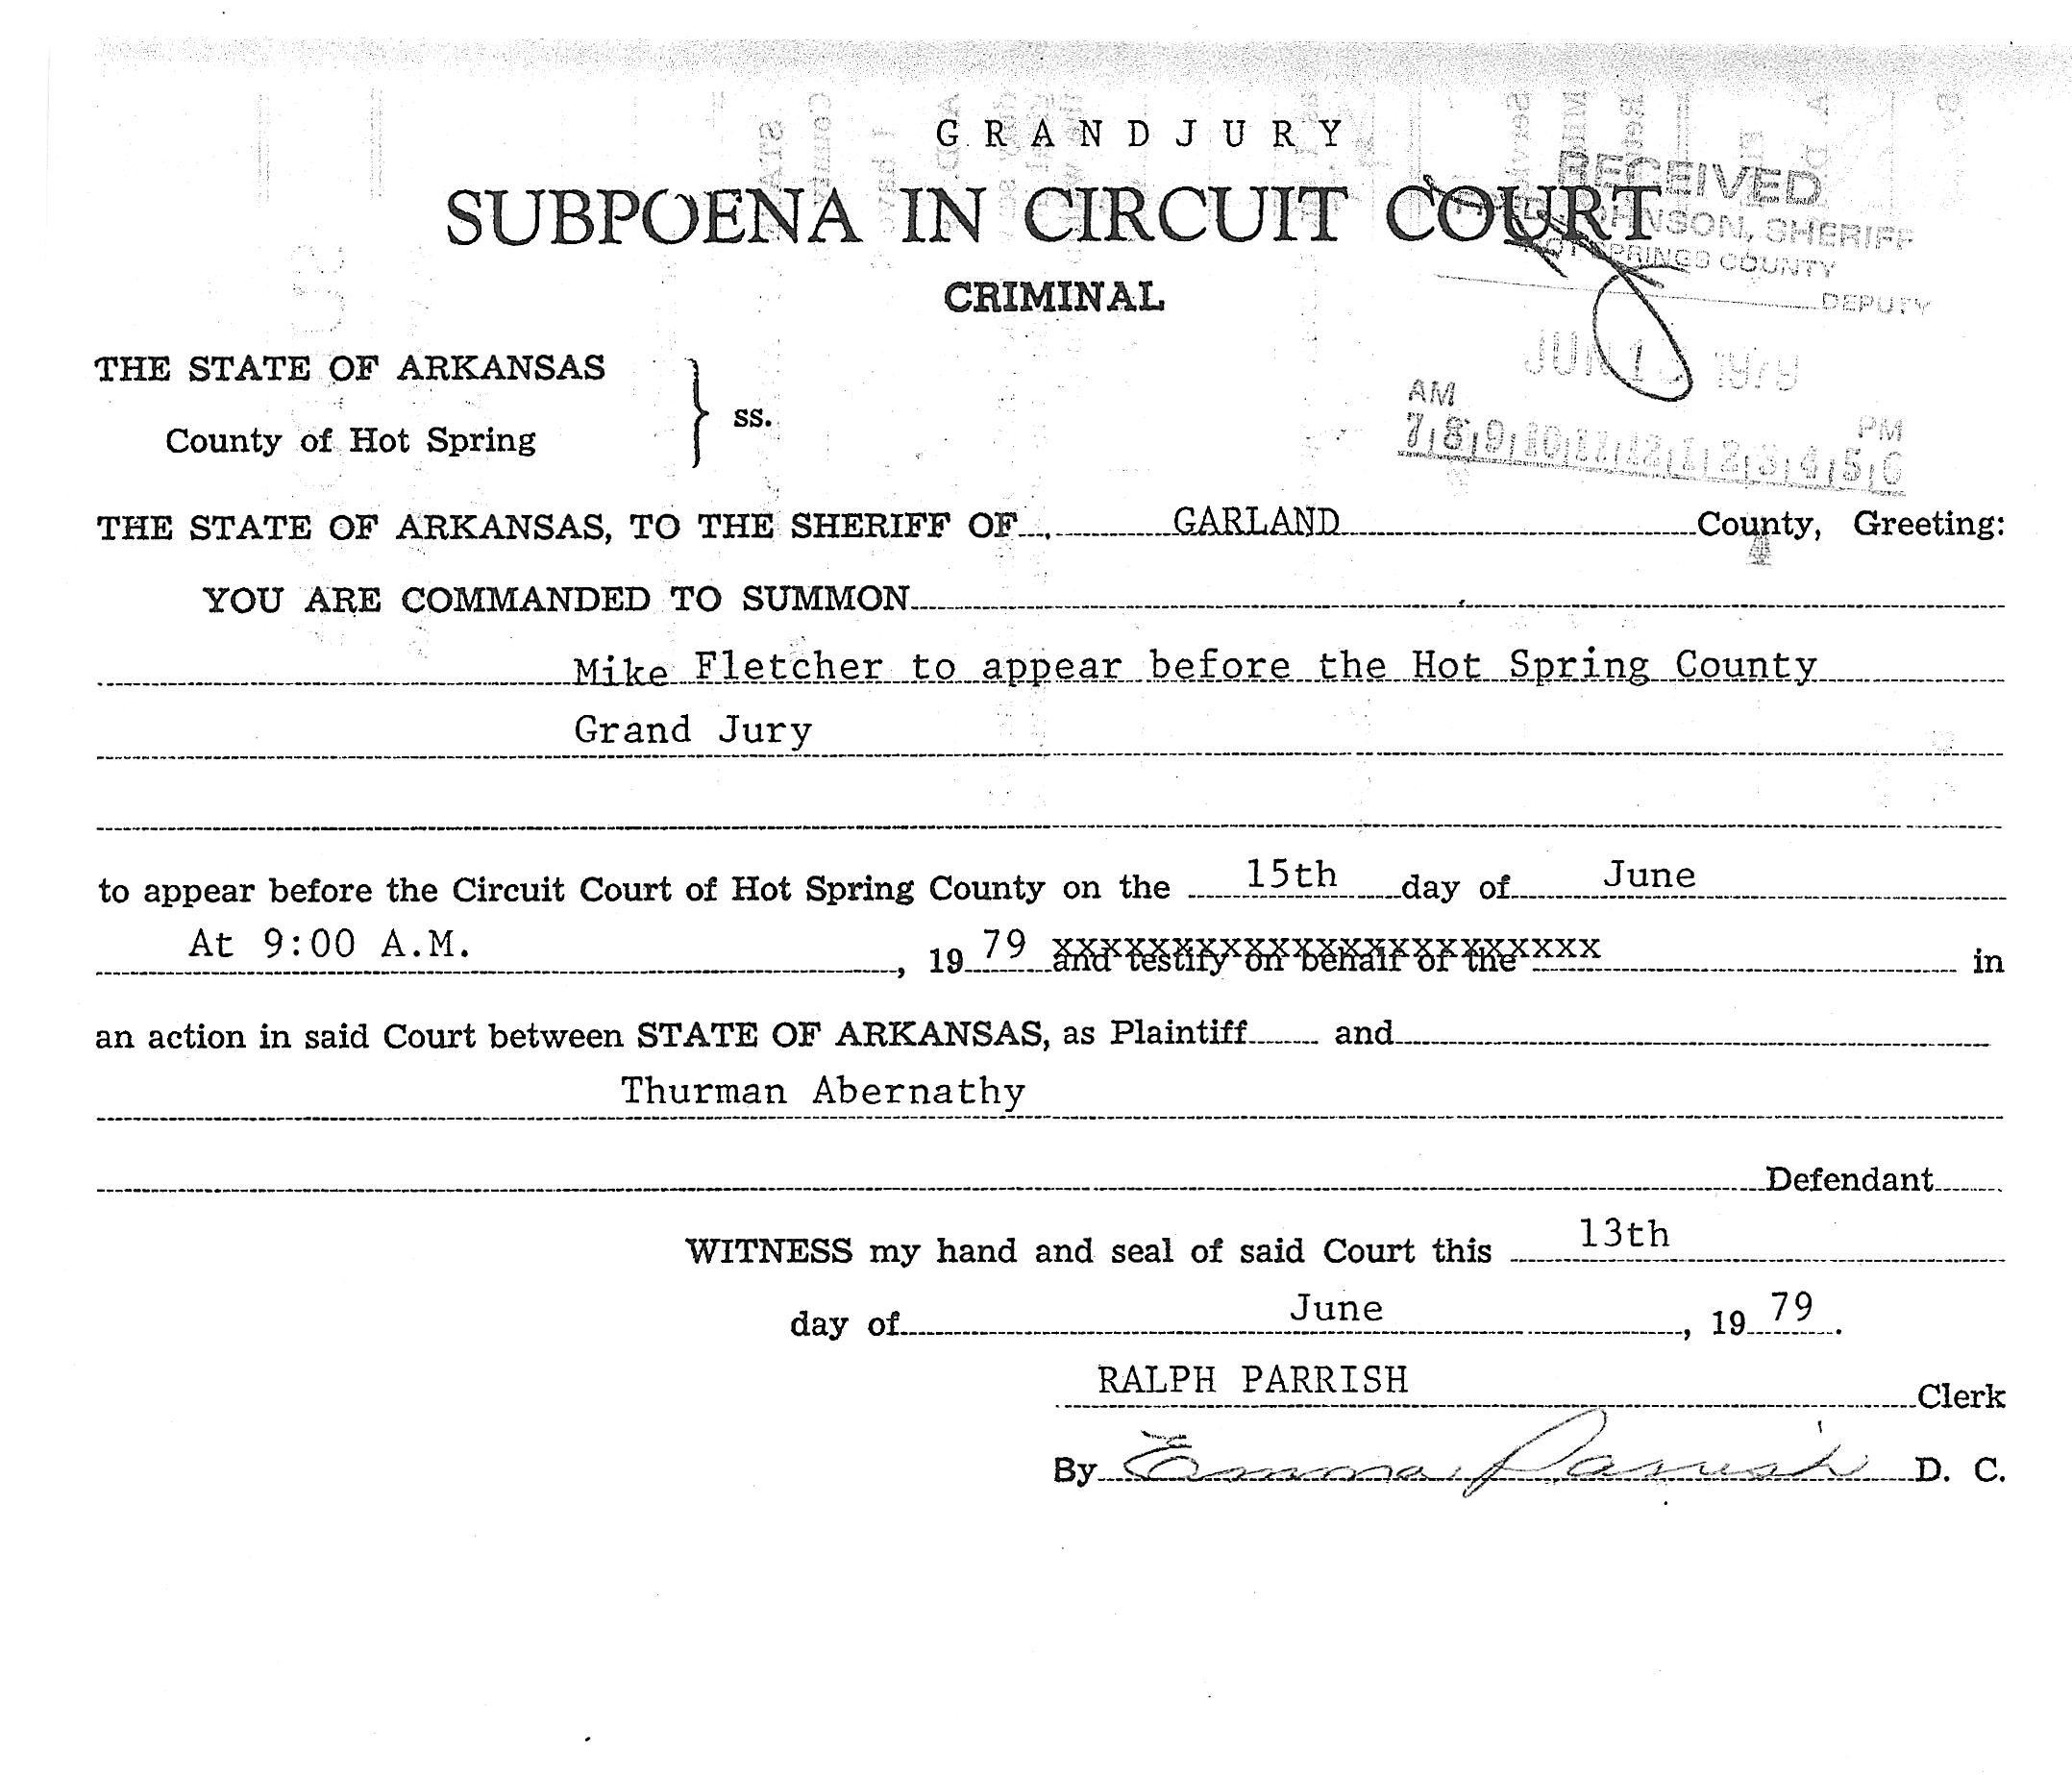 06_13_1979_Subpoena in Circuit Court 1